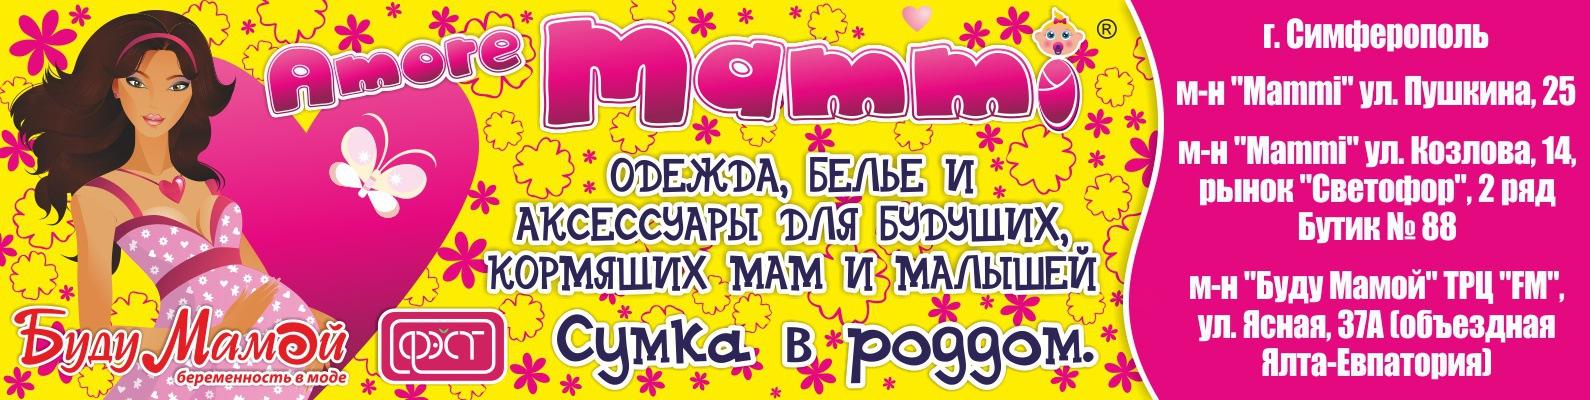 ОДЕЖДА ДЛЯ БЕРЕМЕННЫХ Крым   Симферополь Mammi   ВКонтакте 7c03c2b7f24